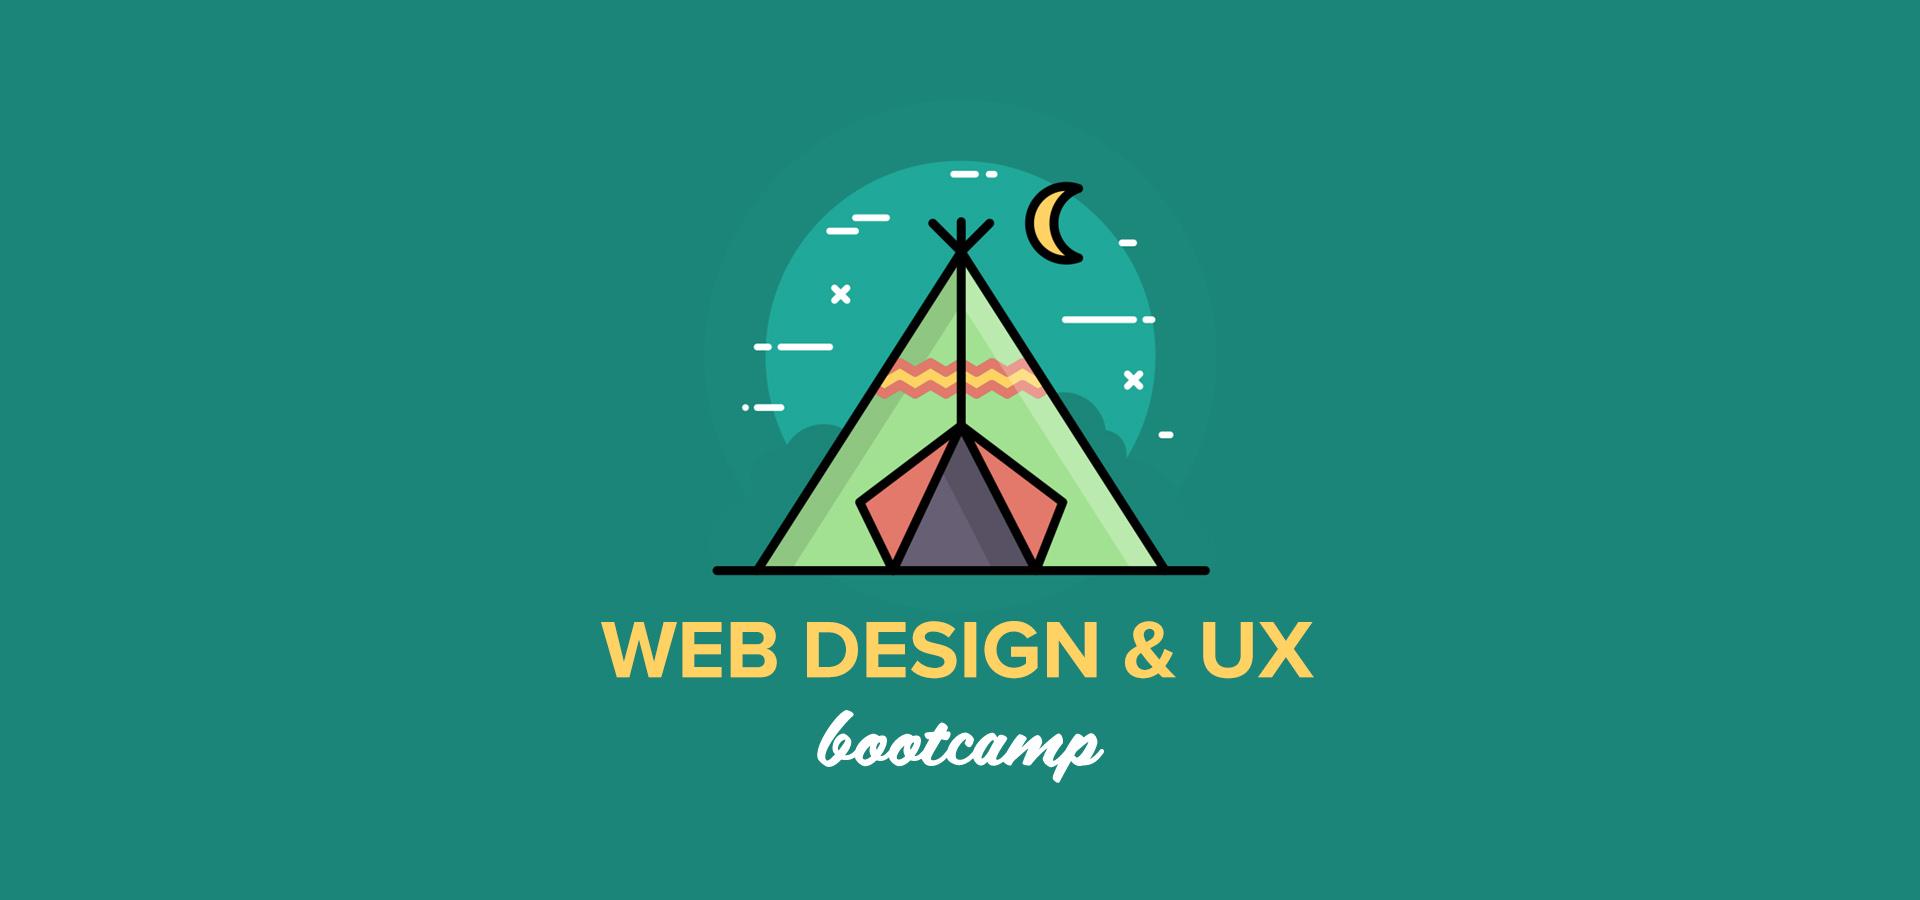 II edycja Bootcampu Web Design i UX już w sobotę 28 stycznia!